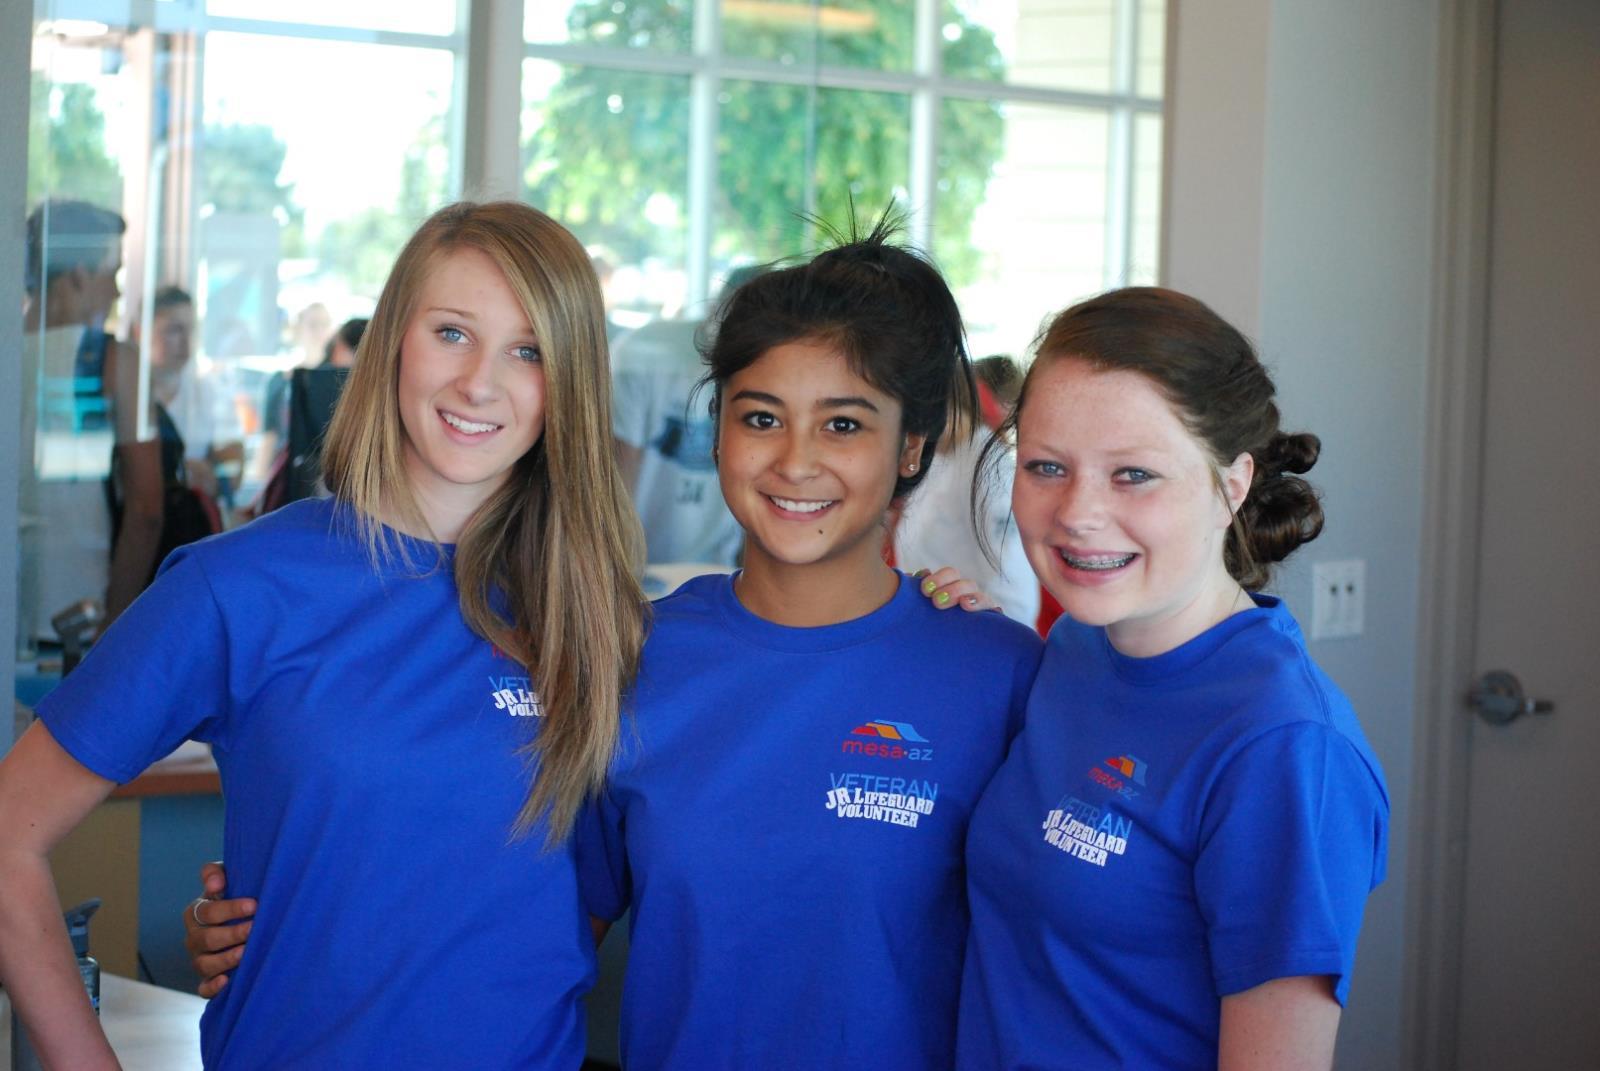 Volunteer opportunities for teens — 15